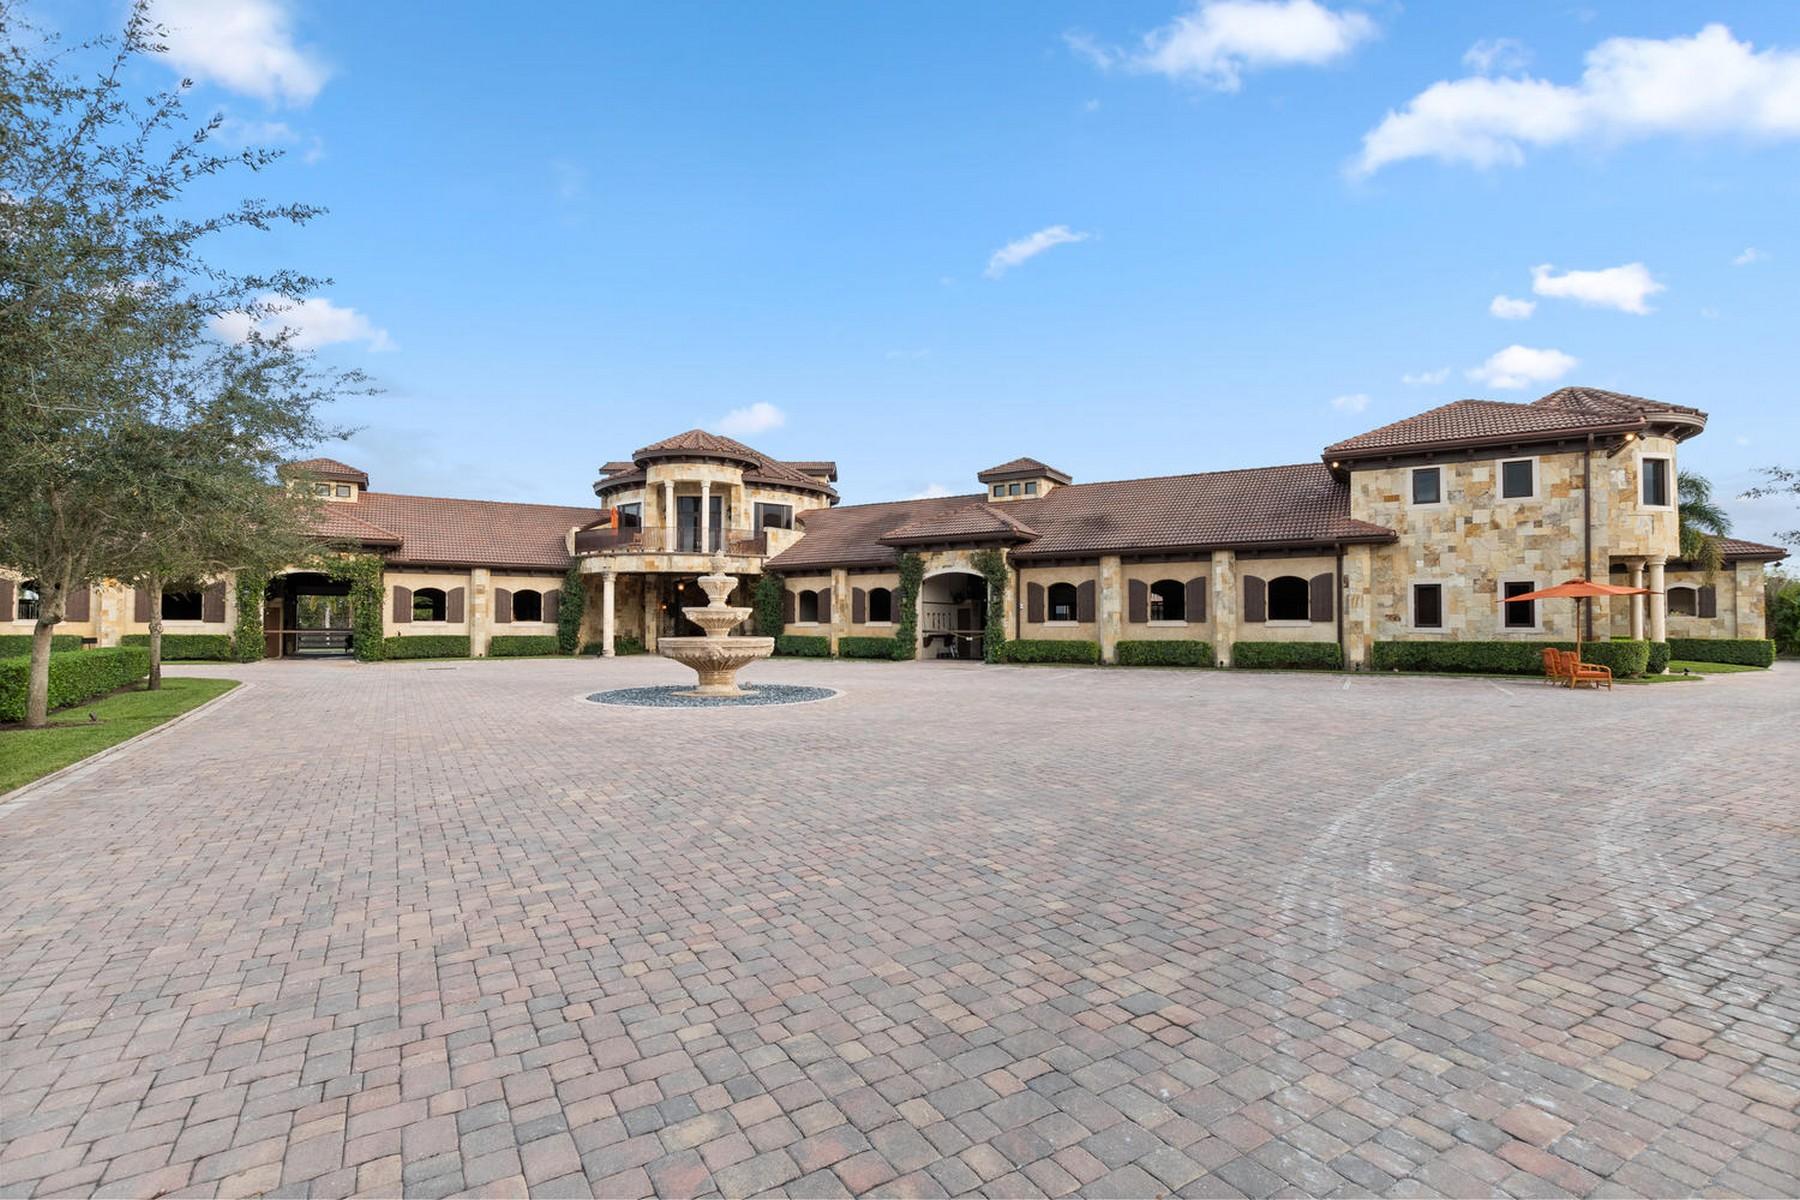 农场 / 牧场 / 种植园 为 销售 在 3410 Olde Hampton Drive 惠灵顿, 佛罗里达州 33414 美国